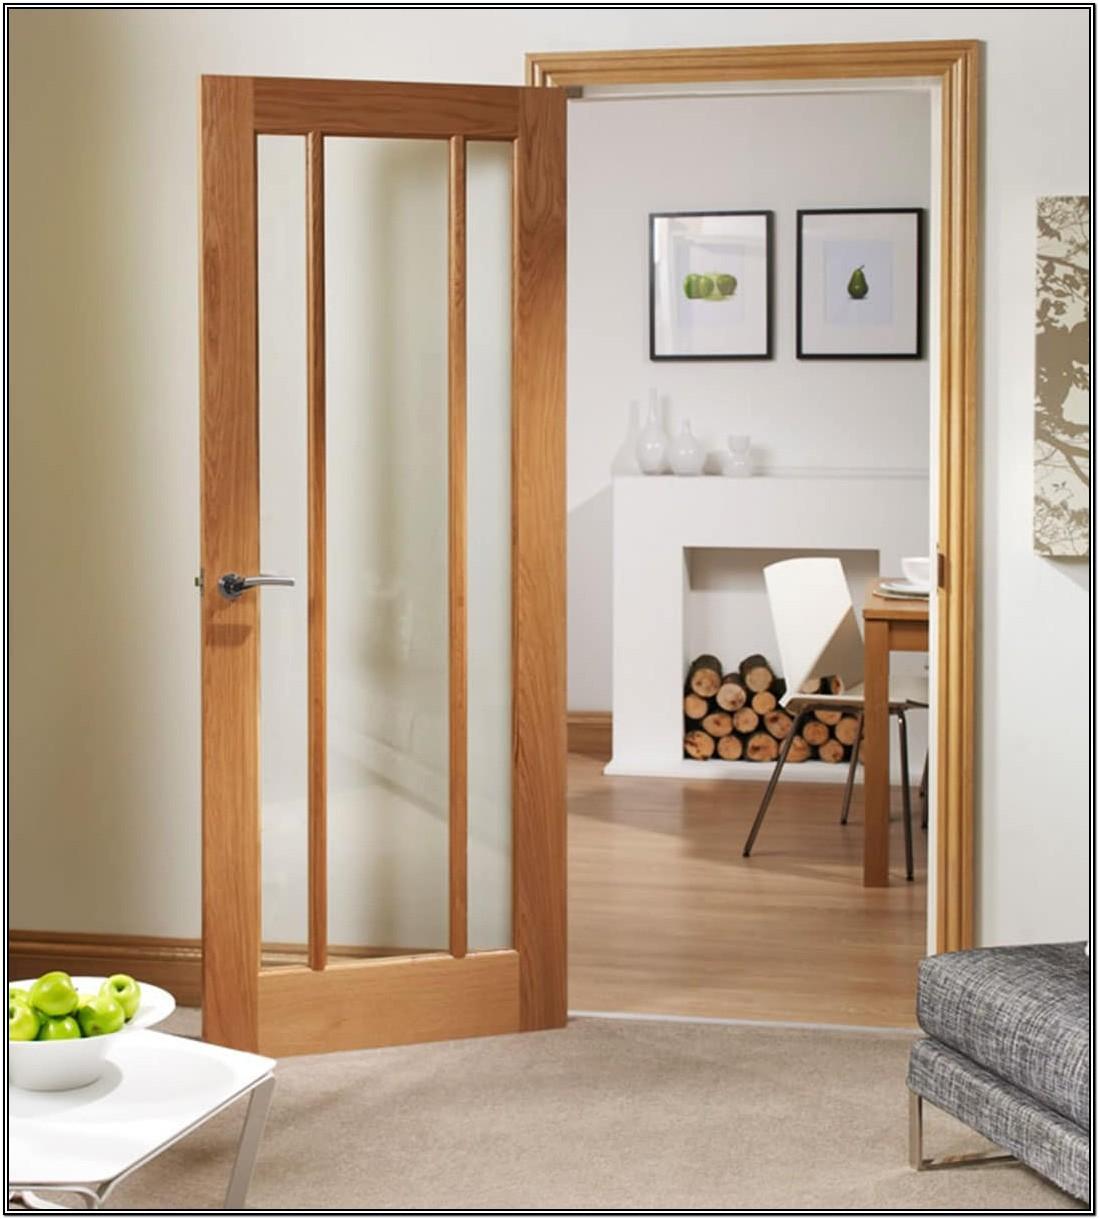 Living Room Internal Sliding Glass Doors